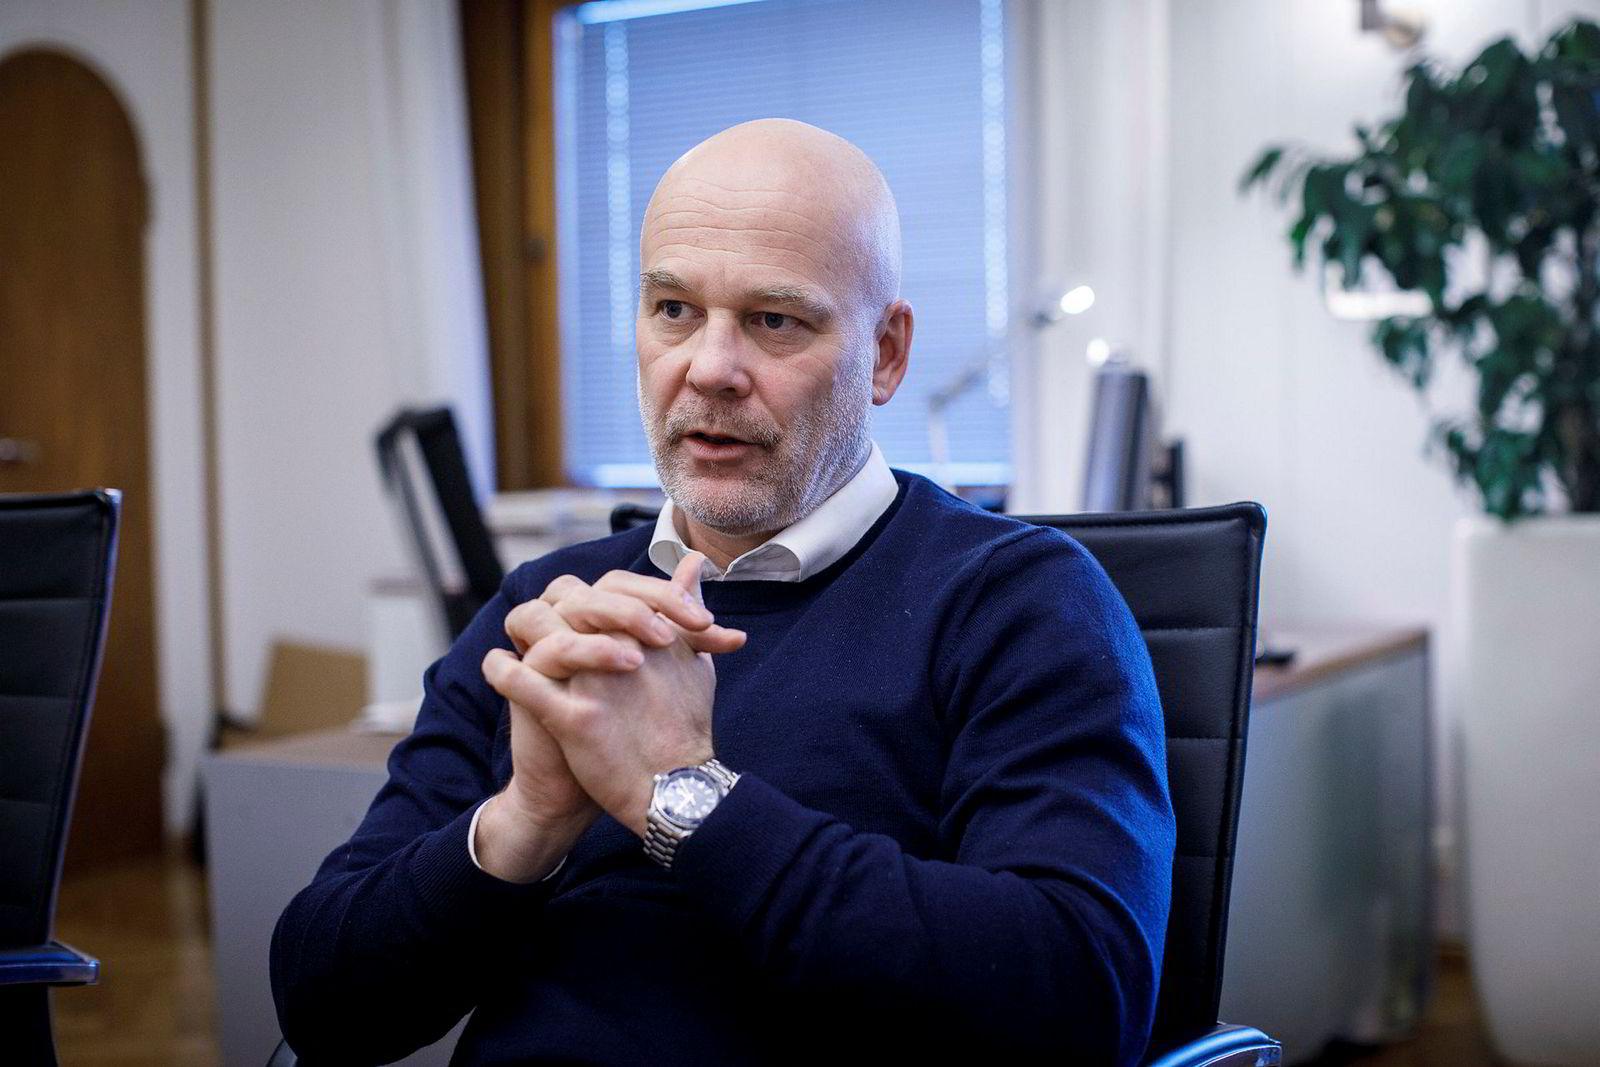 Thor Gjermund Eriksen, kringkastingssjef i NRK.